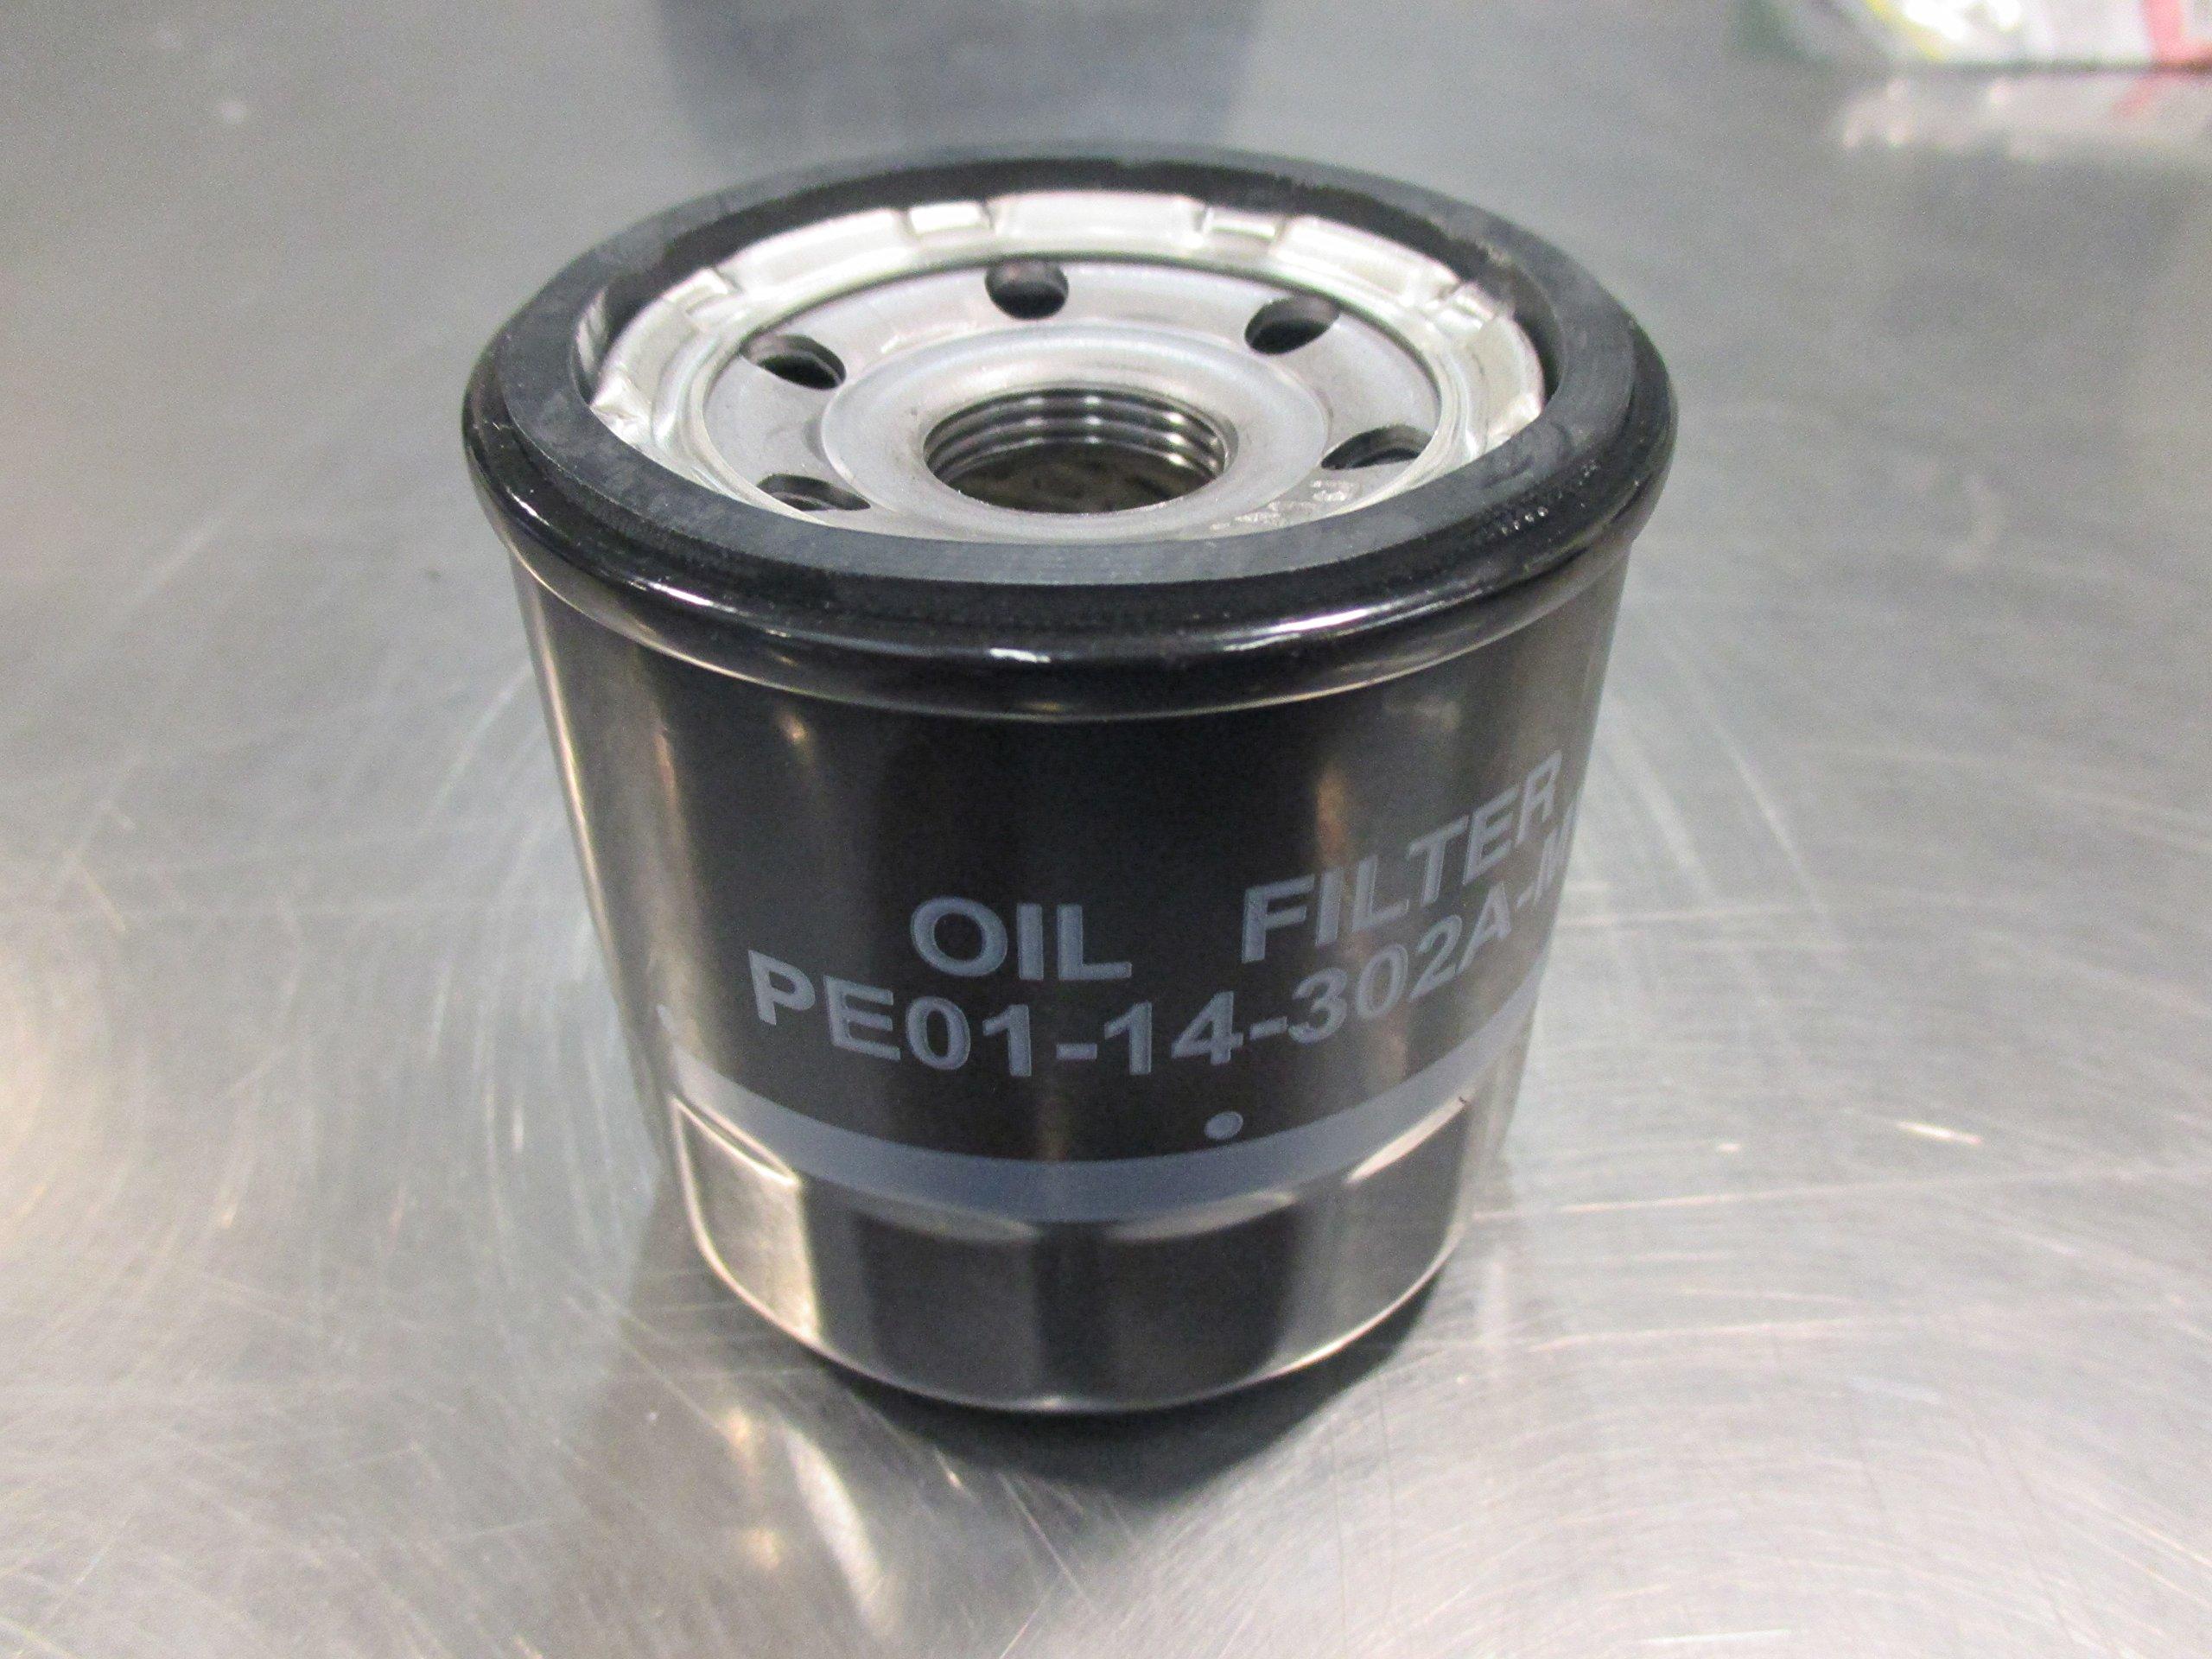 Cheap Mazda 626 Oil Filter Find Deals On Line 2011 3 Fuel 6 Cx 5 New Oem Skyactiv Value